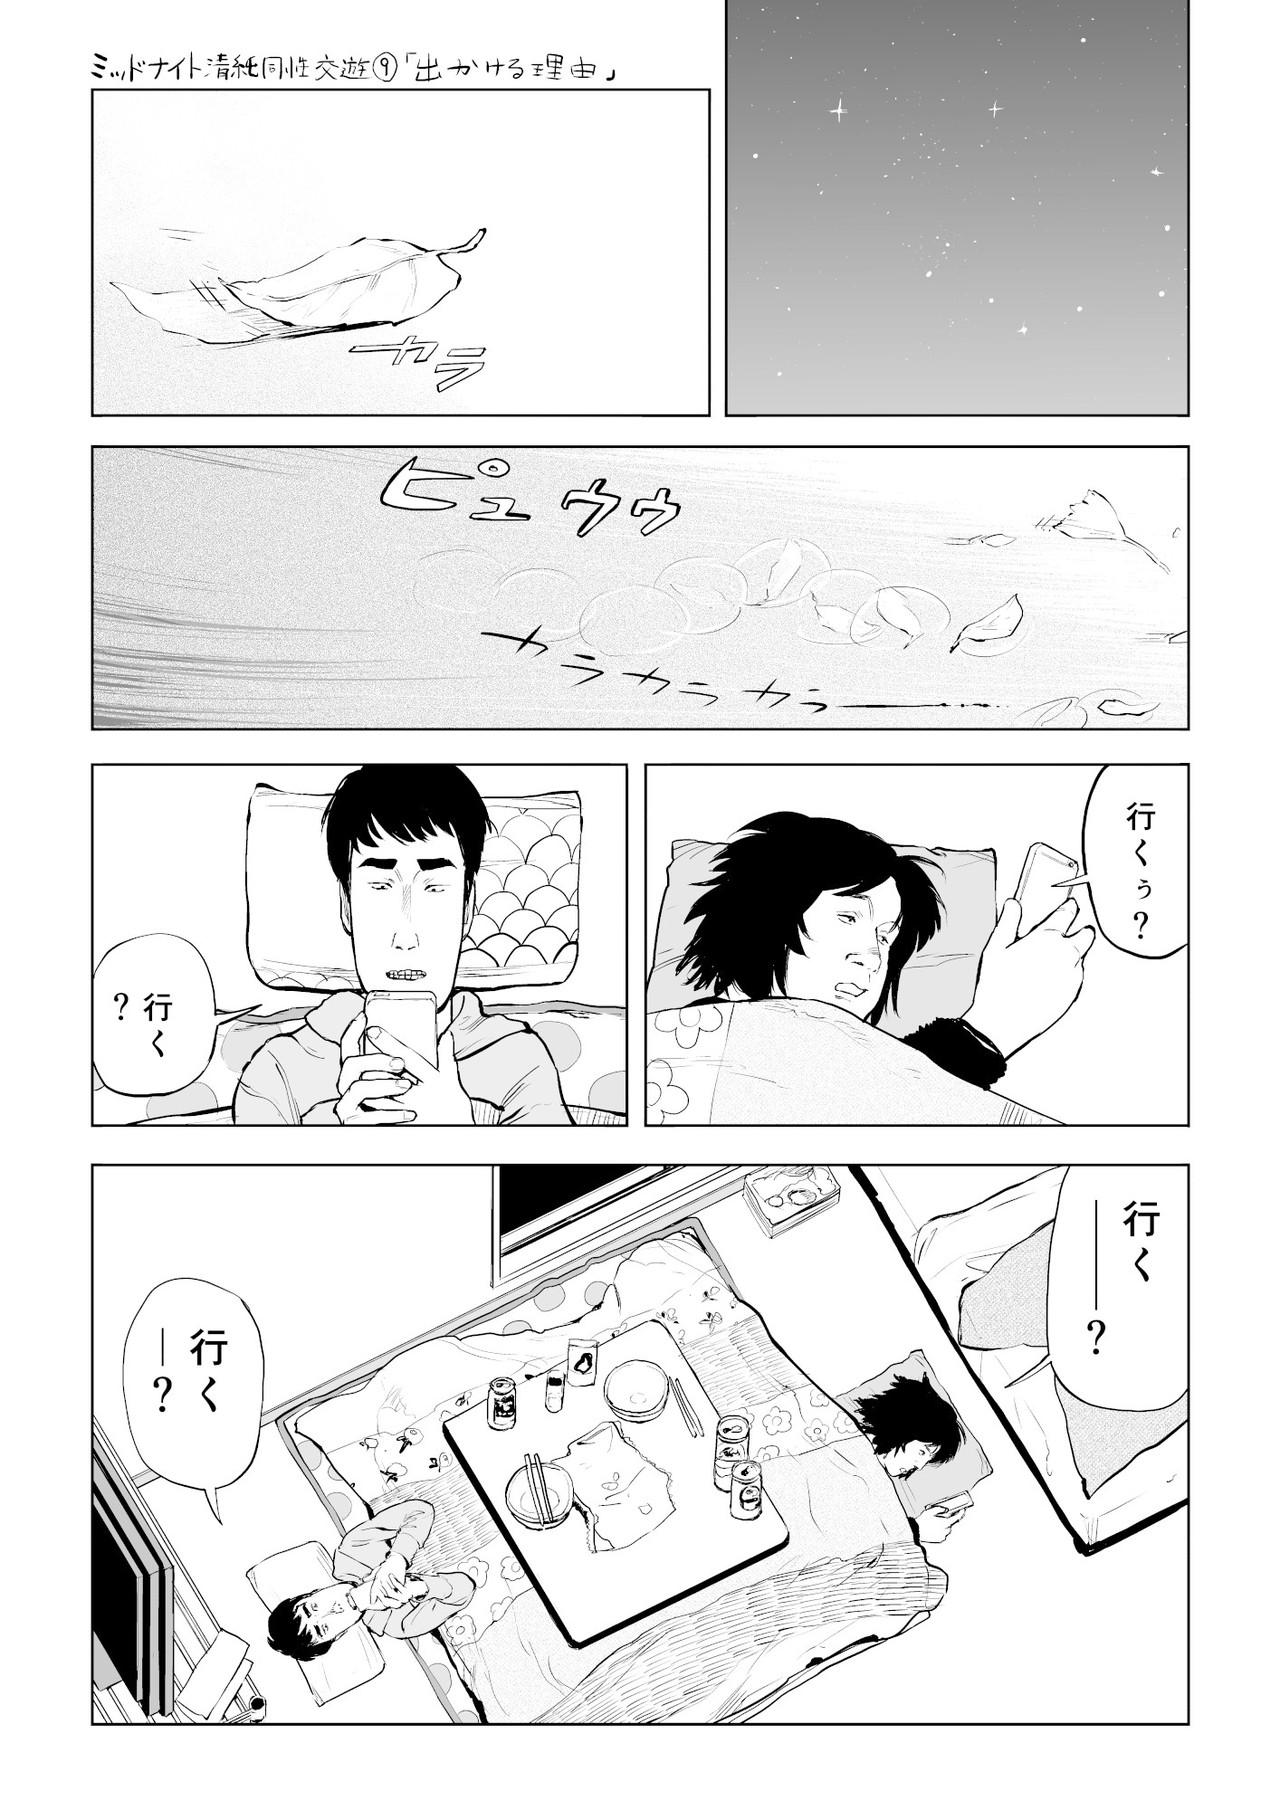 ミッドナイト清純同性交遊9話_001